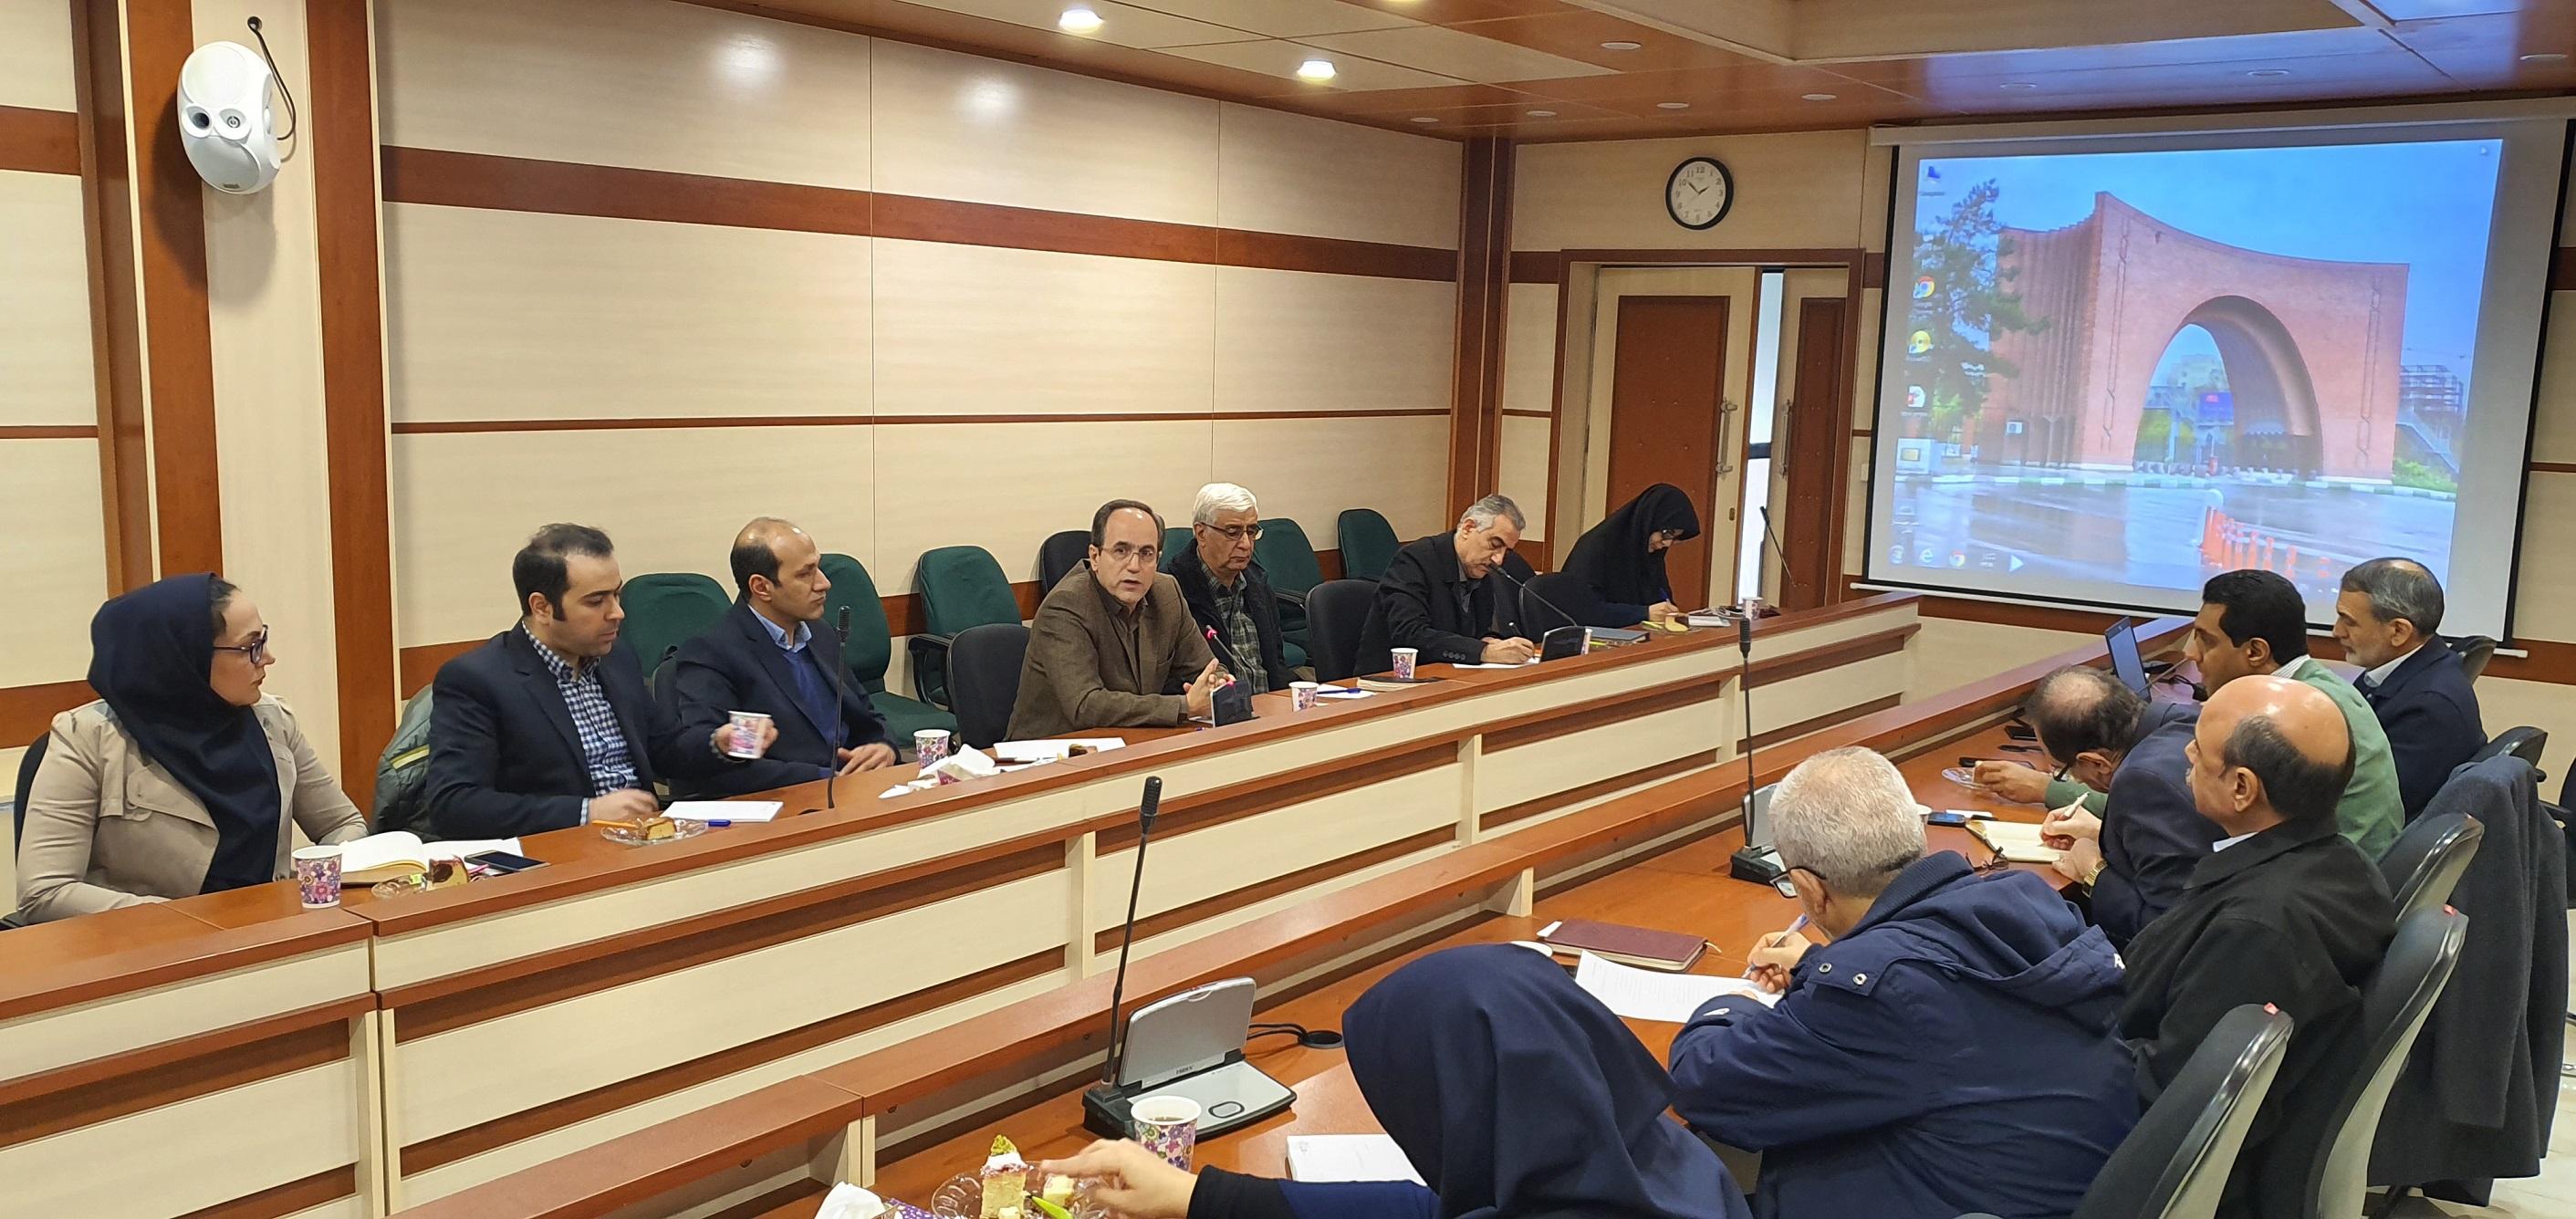 برگزاری جلسه مشترک شرکت گسترش و نوسازی معادن خاورمیانه (ممرادکو) و دانشگاه تربیت مدرس با هدف ارتباط صنعت با دانشگاه